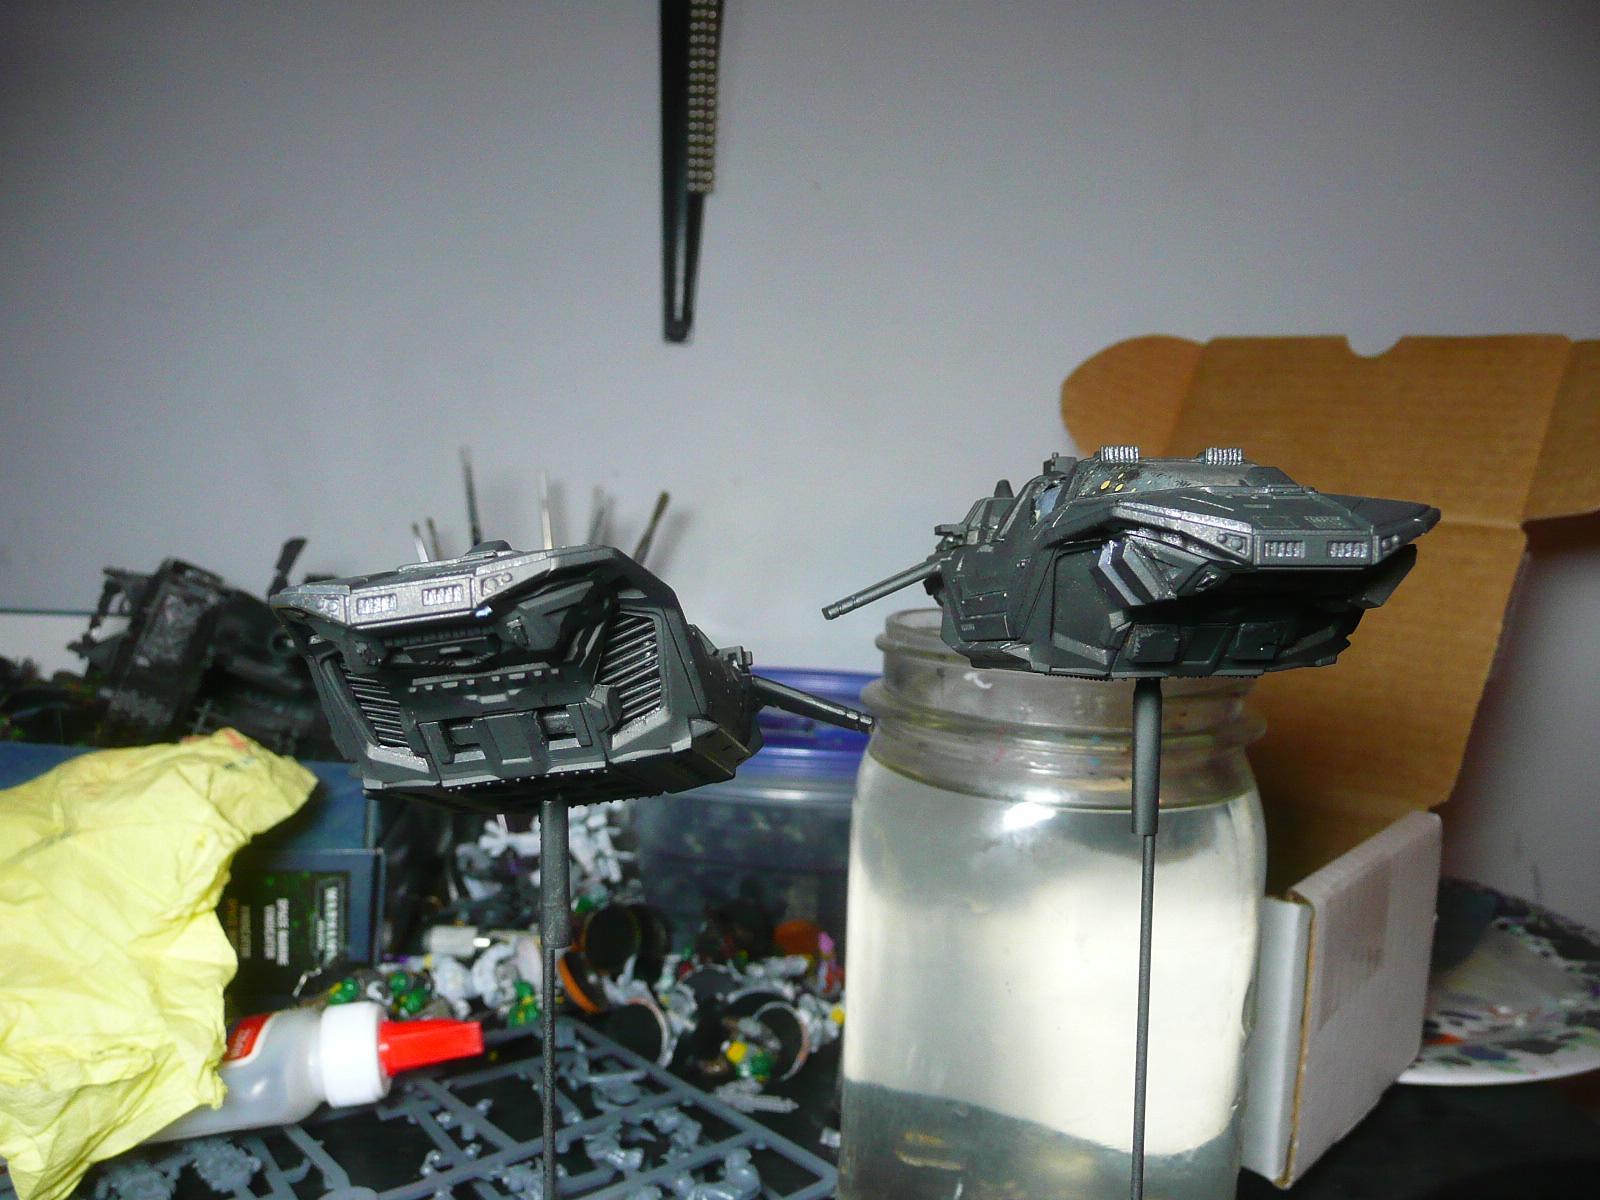 Conversion, Land Speeder, Space Marines, Warthog